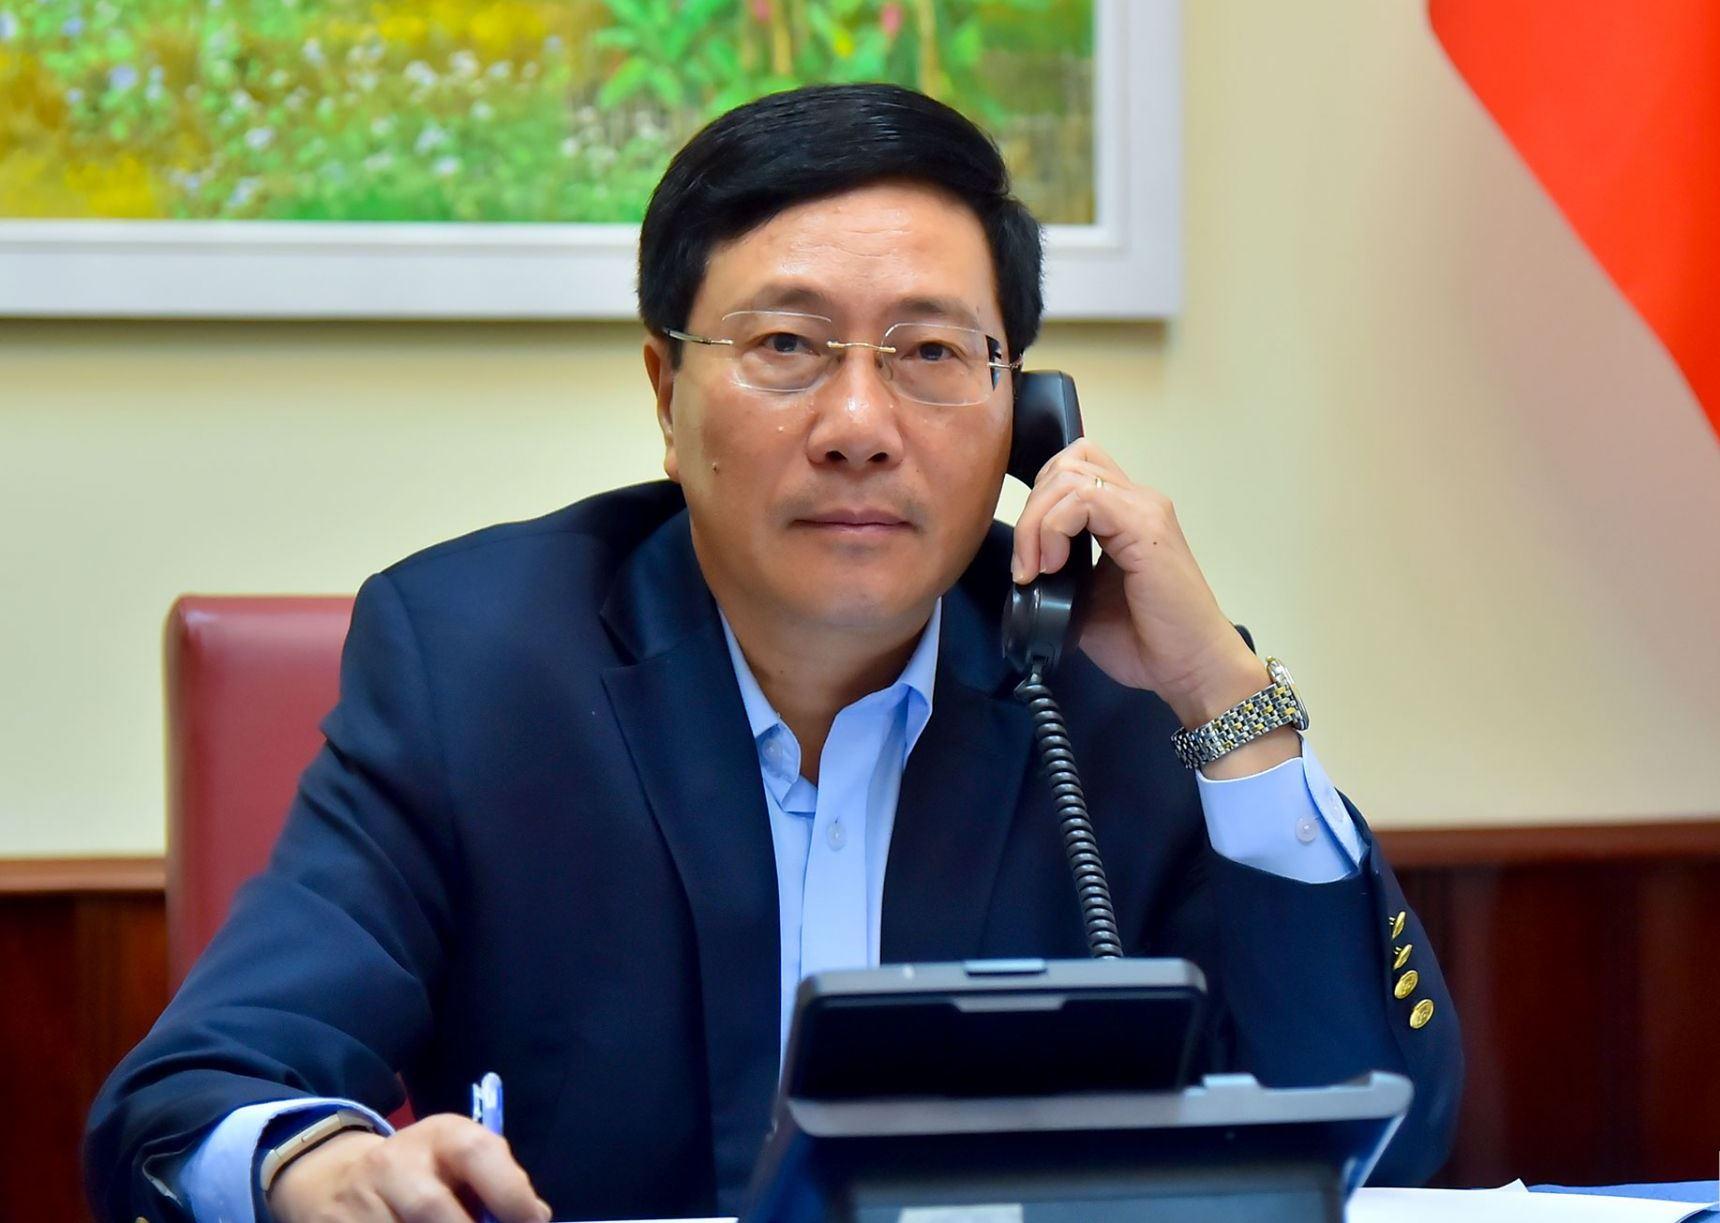 Phó Thủ tướng Bộ trưởng Ngoại giao Phạm Bình Minh điện đàm với Bộ trưởng Ngoại giao Philippines